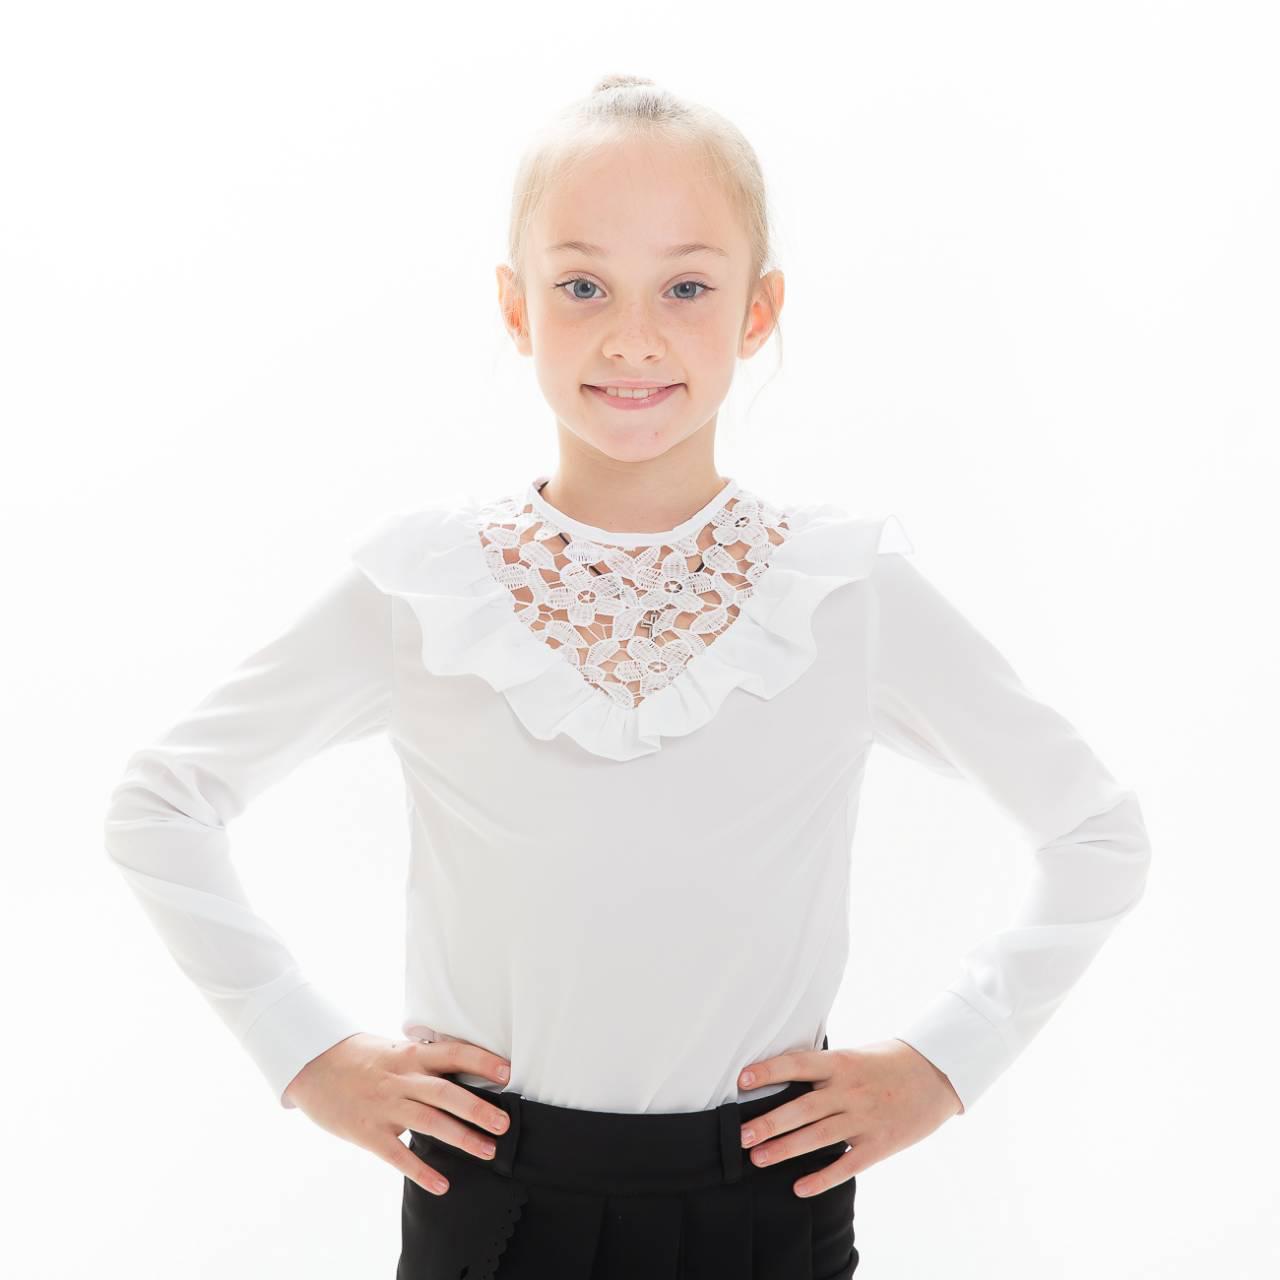 c4453c48a27 Красивая школьная блузка на девочку Рюша  продажа